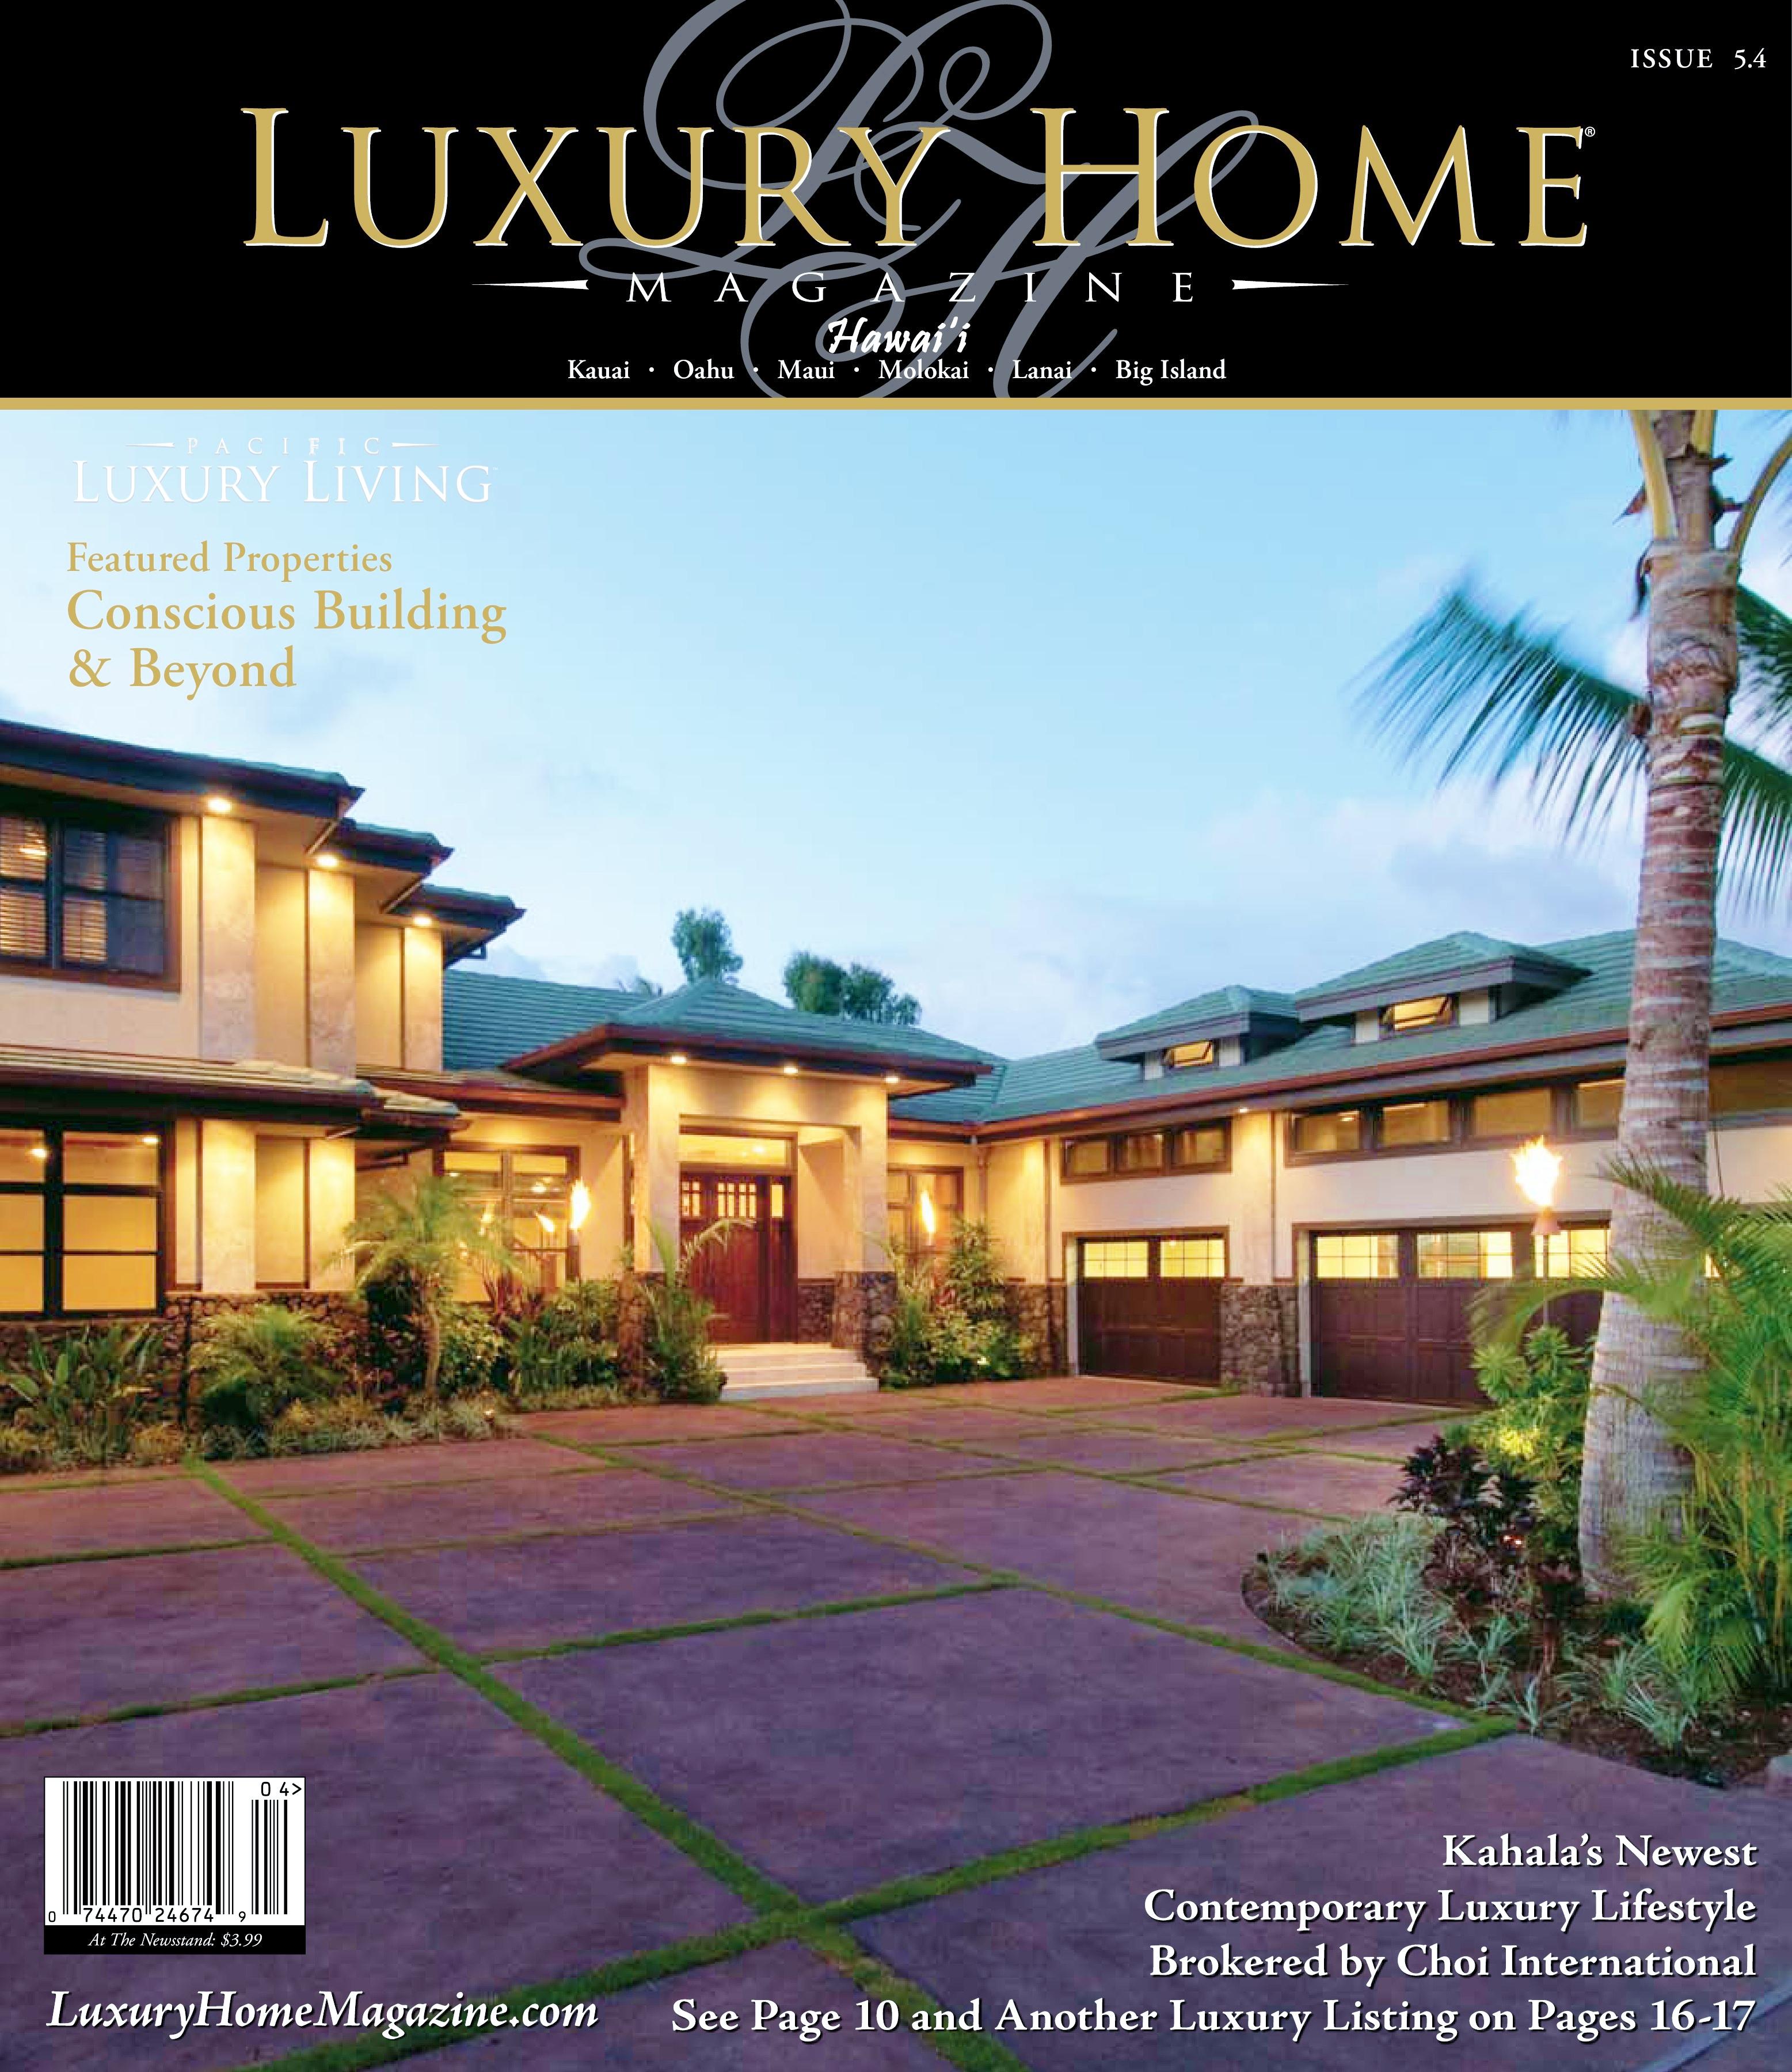 Captivating Luxury Home Magazine 5.4